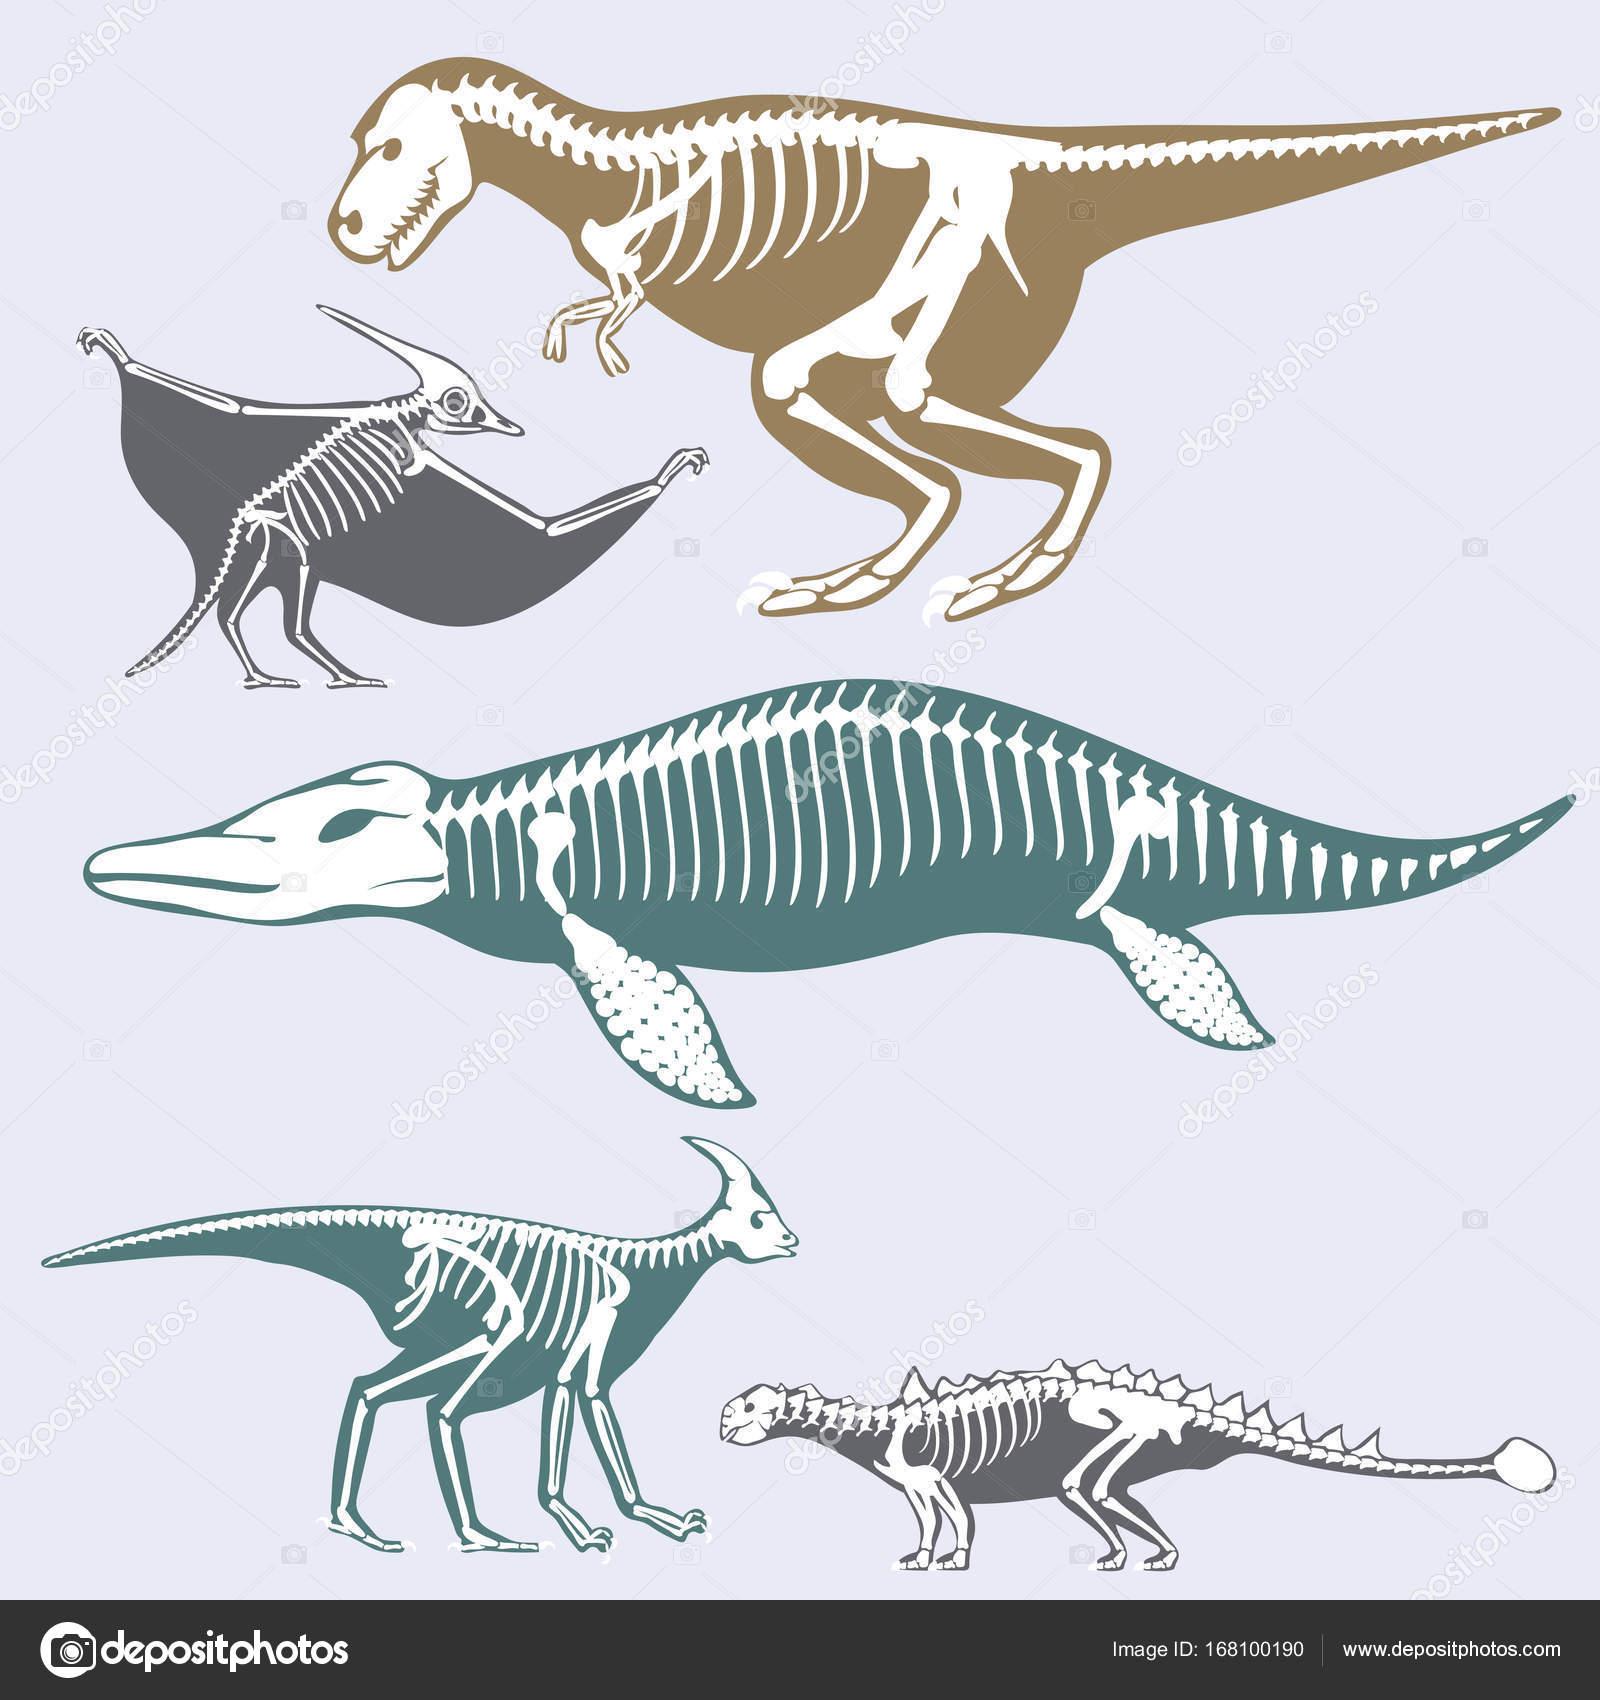 fosilních fosilních dinosaurů autentické seznamky v Austrálii